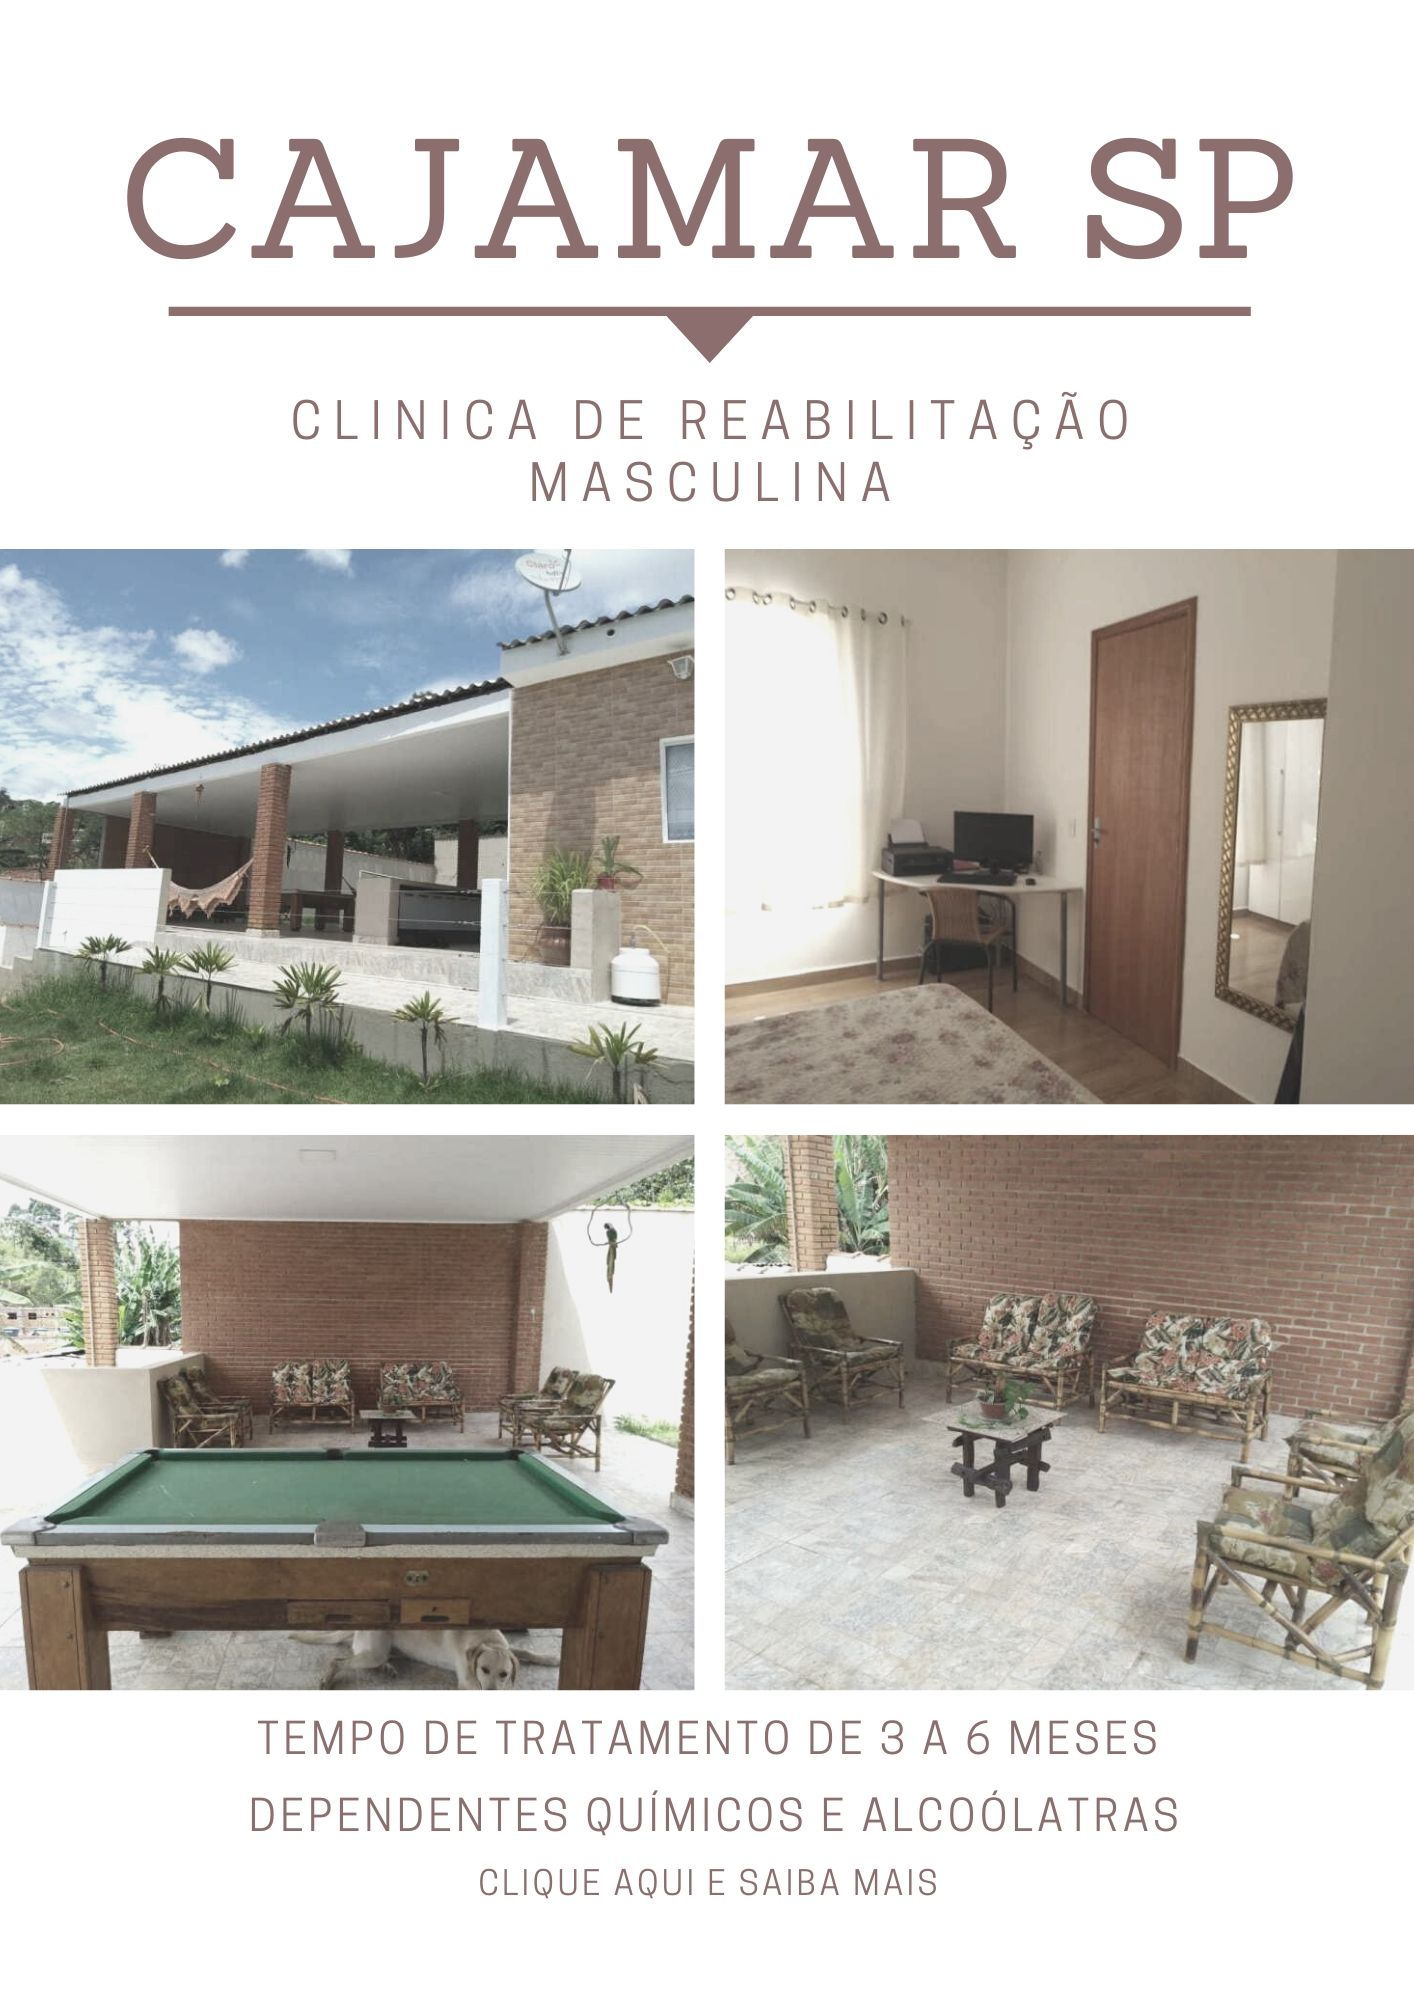 clinica para alcoólatras em SP